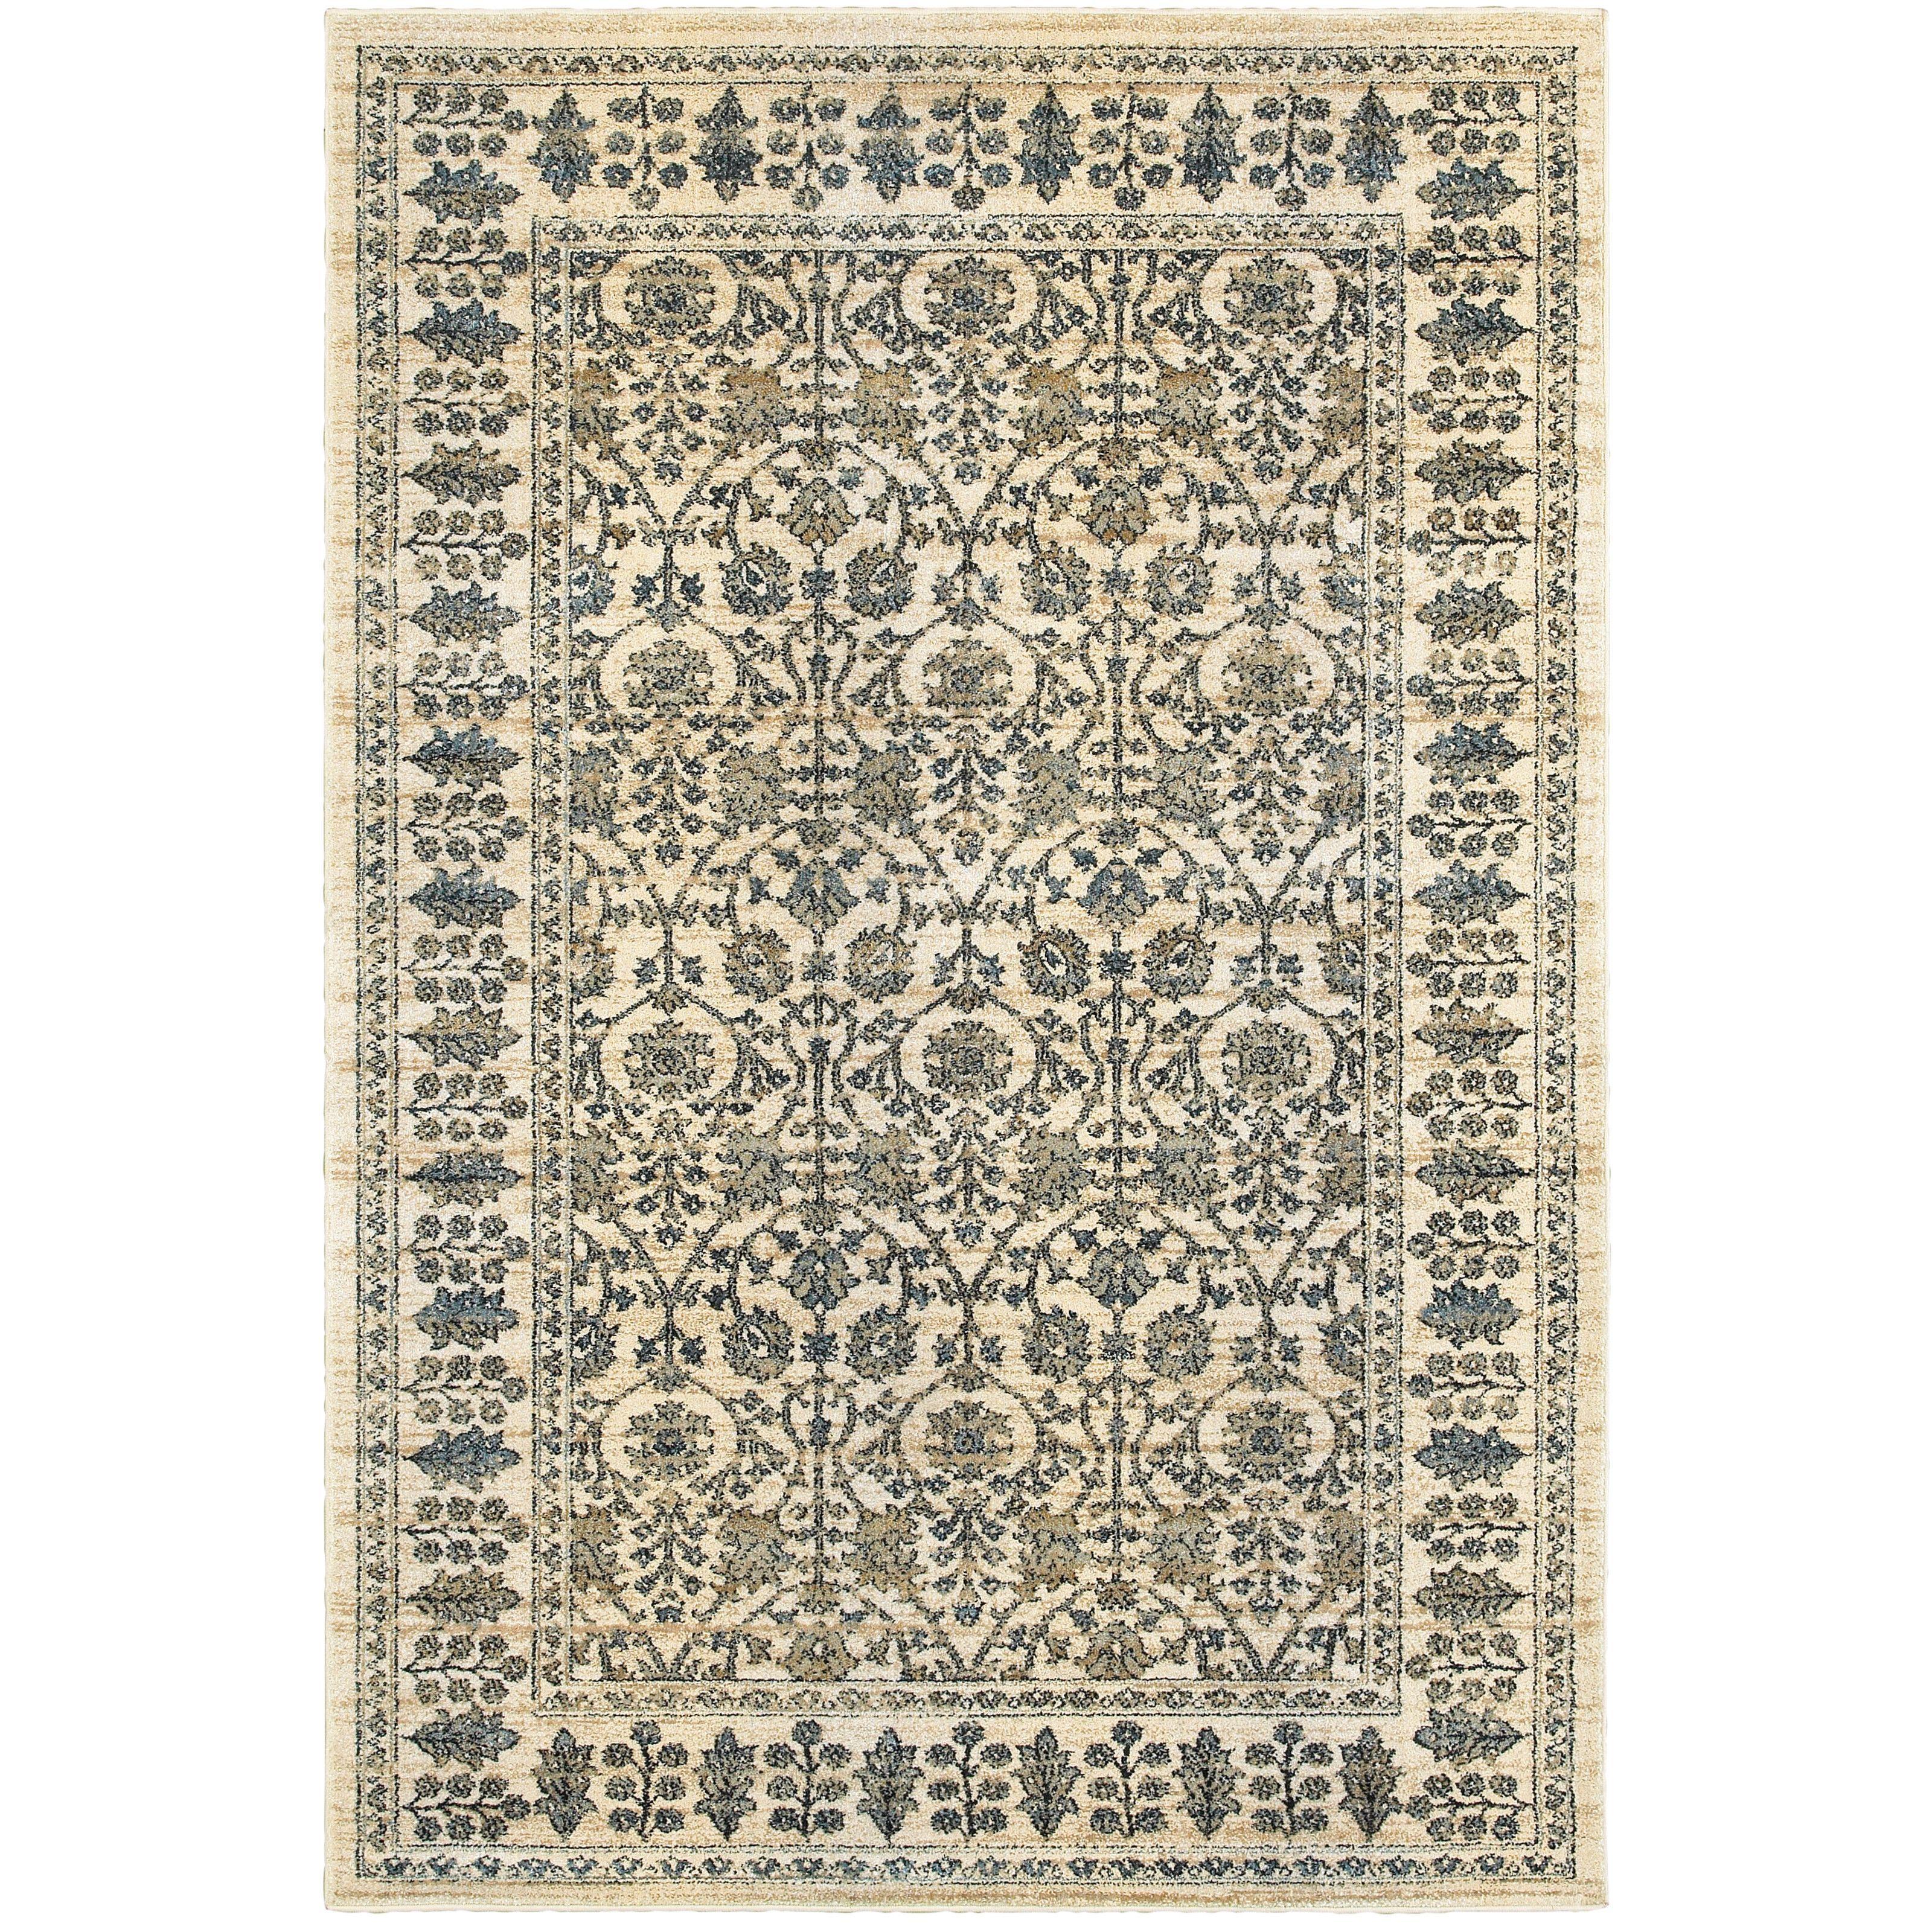 Oriental Weavers Empire 501u4 Ivory Blue Oriental Area Rug Area Rugs Blue Area Rugs Oriental Area Rugs